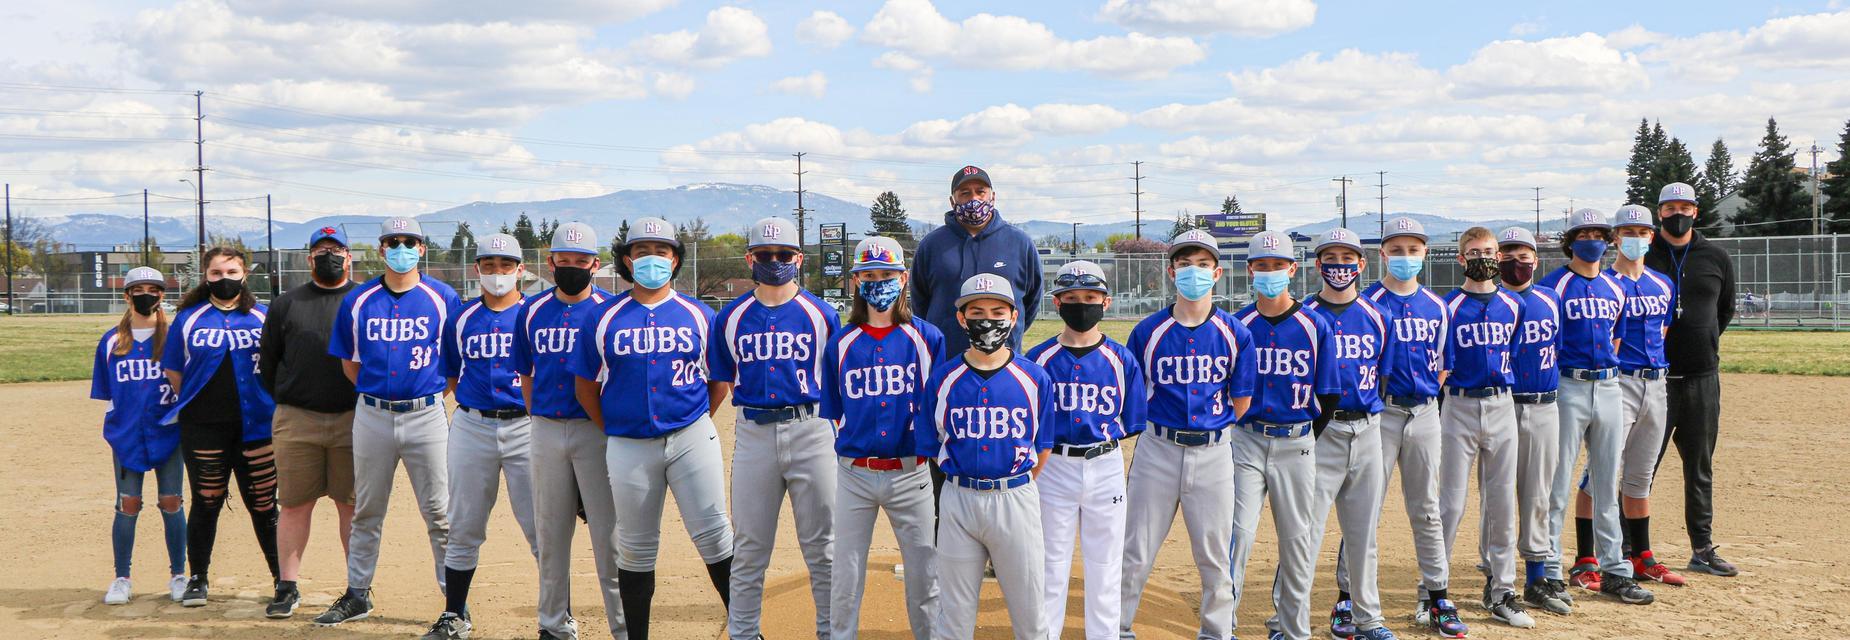 North Pines Baseball